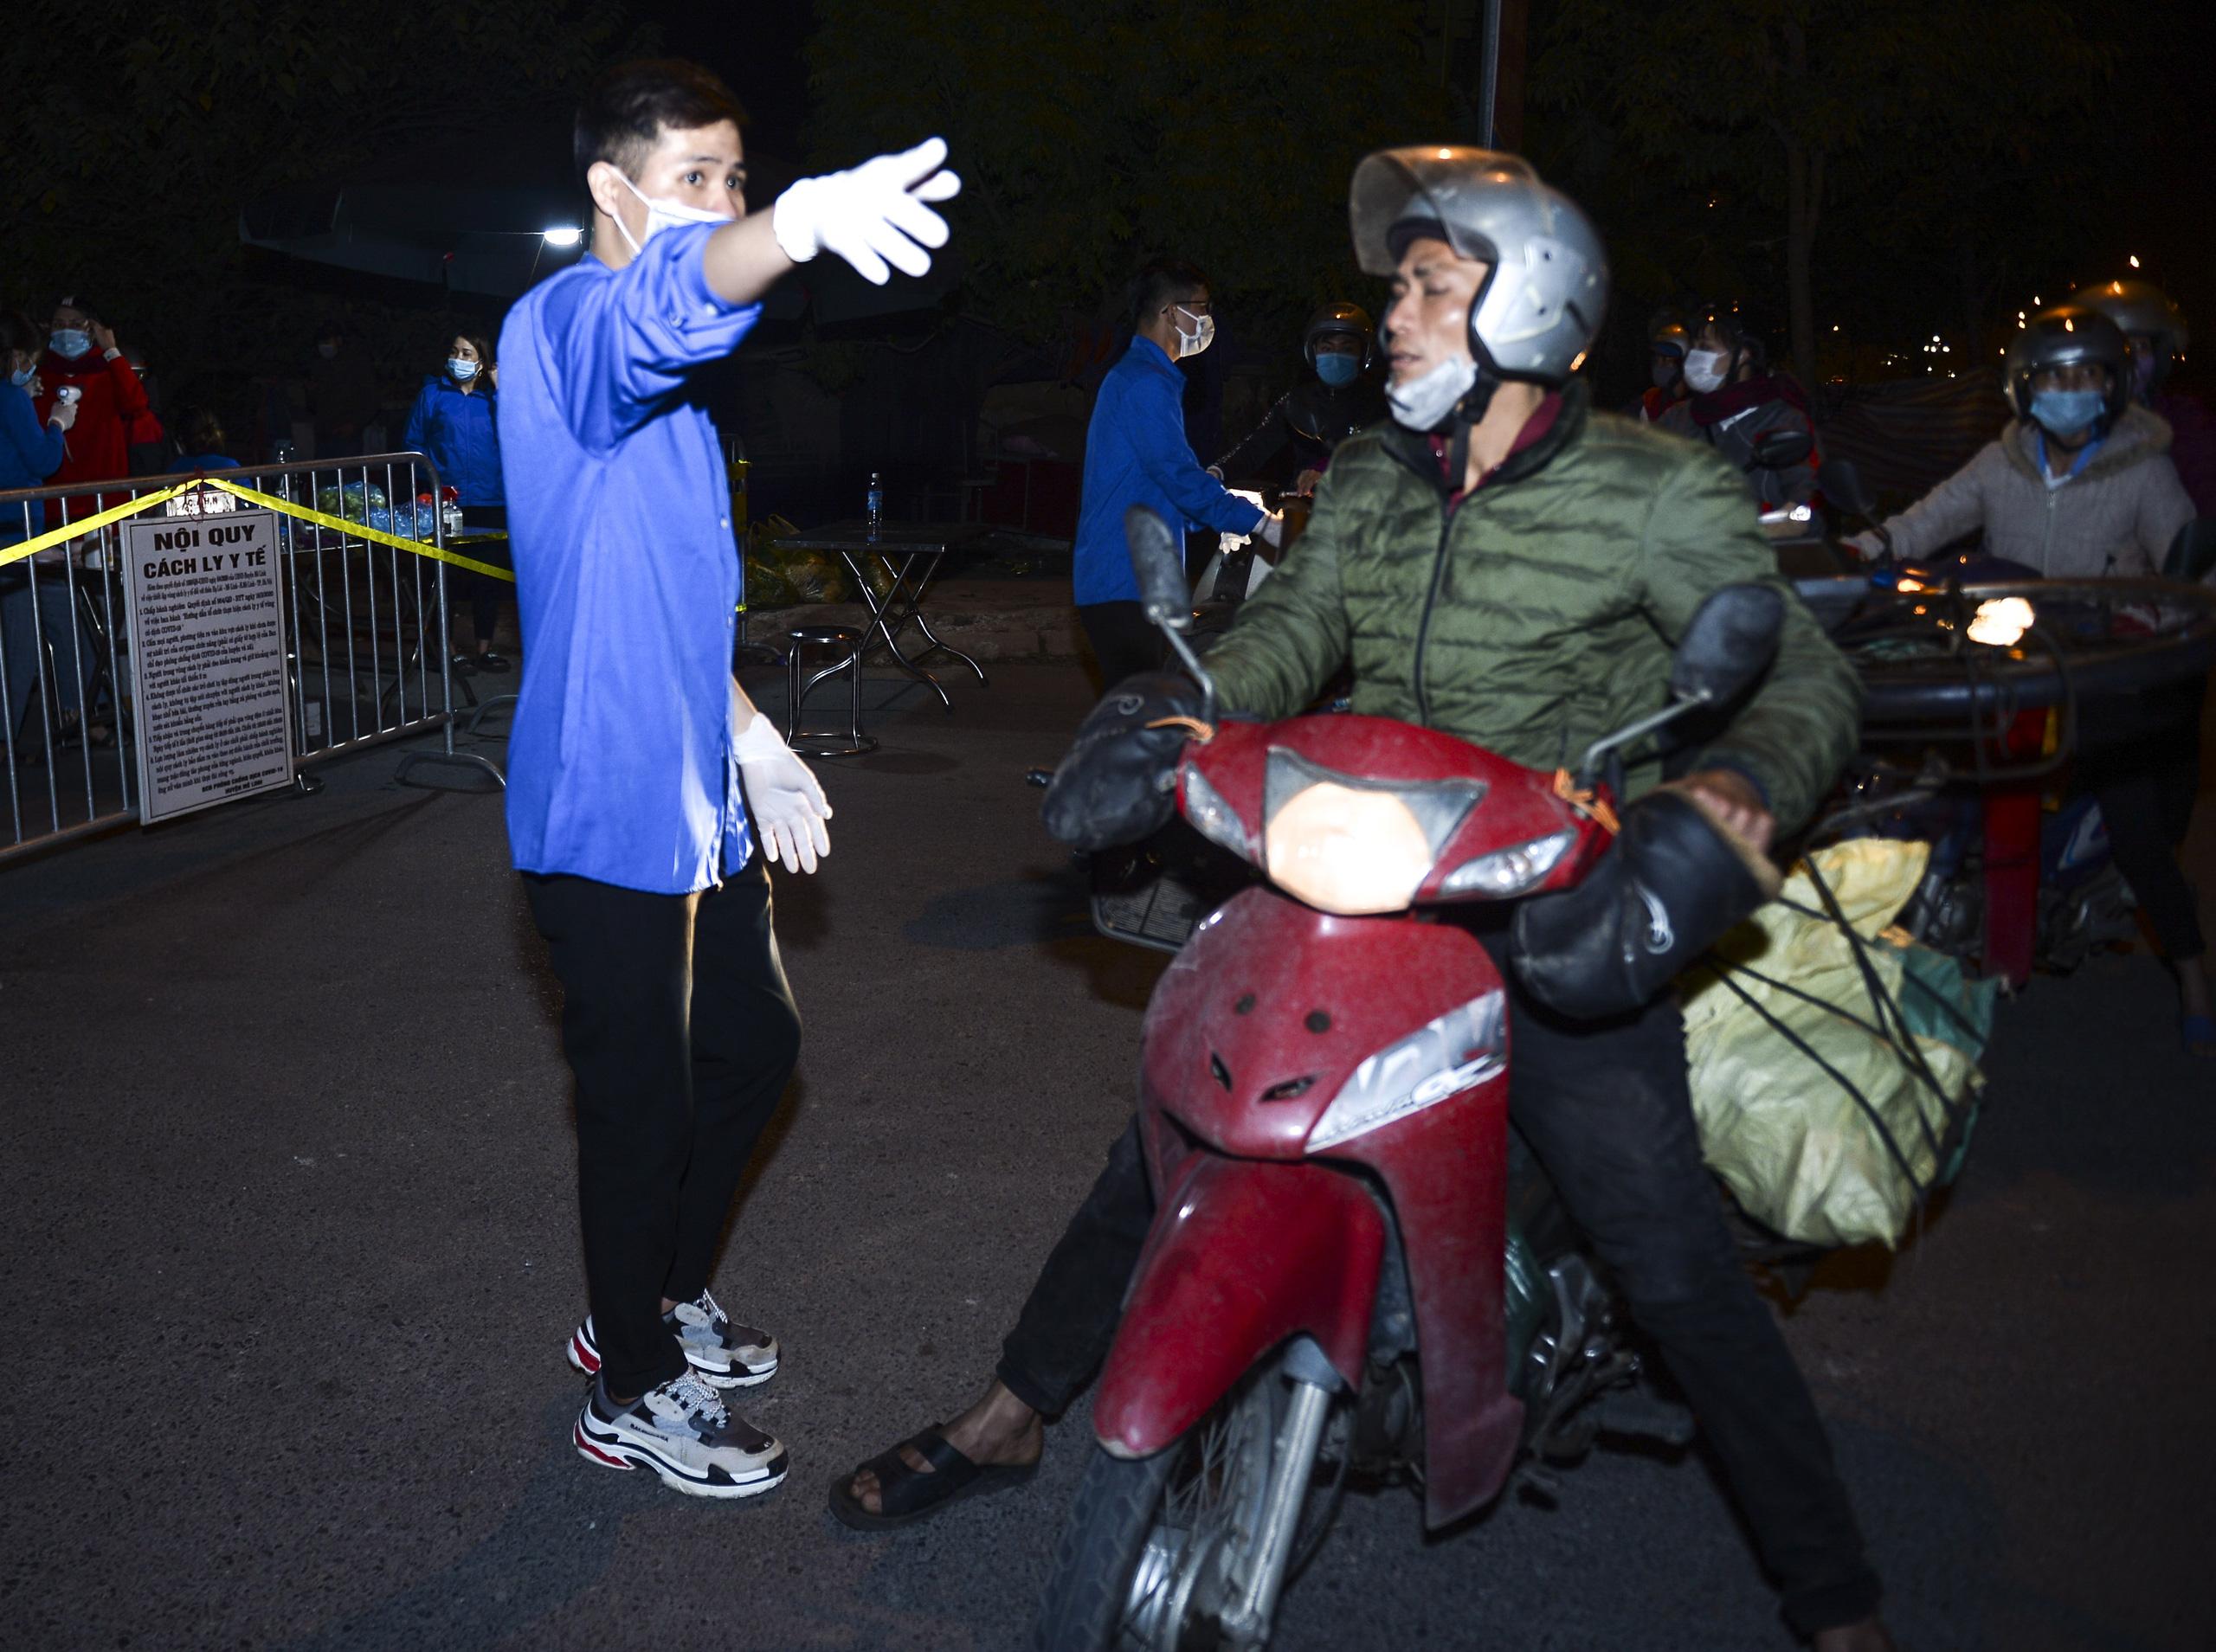 [Ảnh] Xe tuyên truyền phòng, chống COVID-19 ngày đêm đi quanh thôn có người dương tính SARS-CoV-2 ở Hà Nội - Ảnh 4.